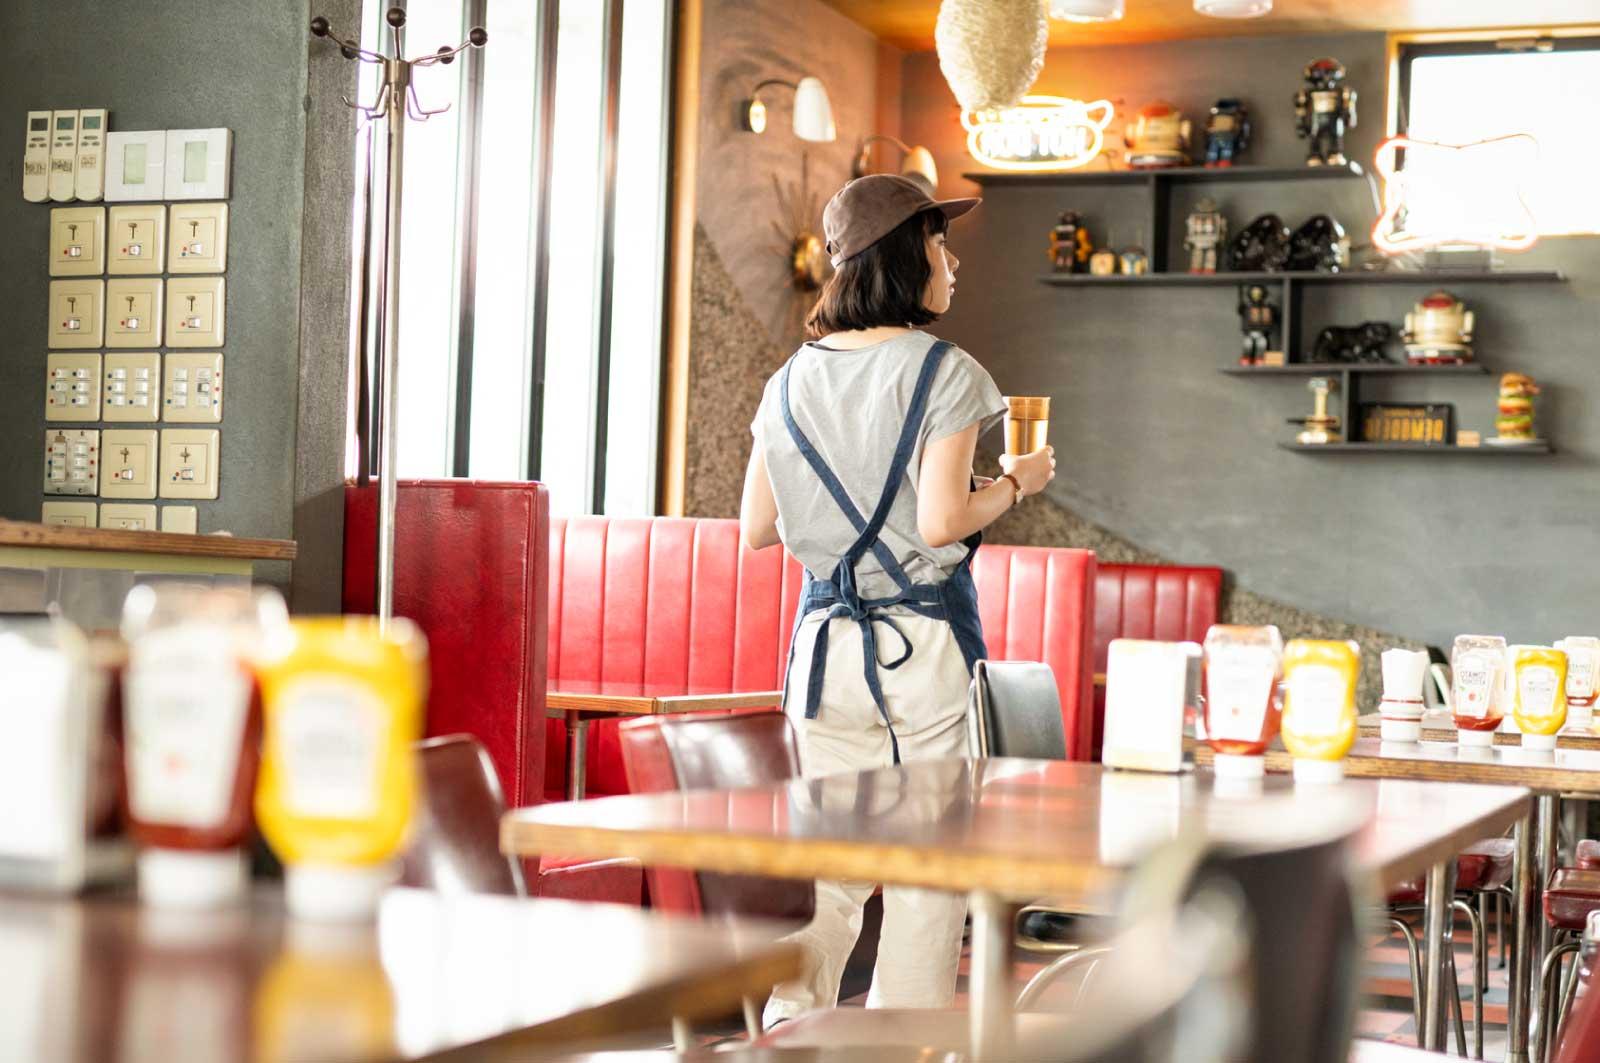 国分寺のハンバーガーショップ